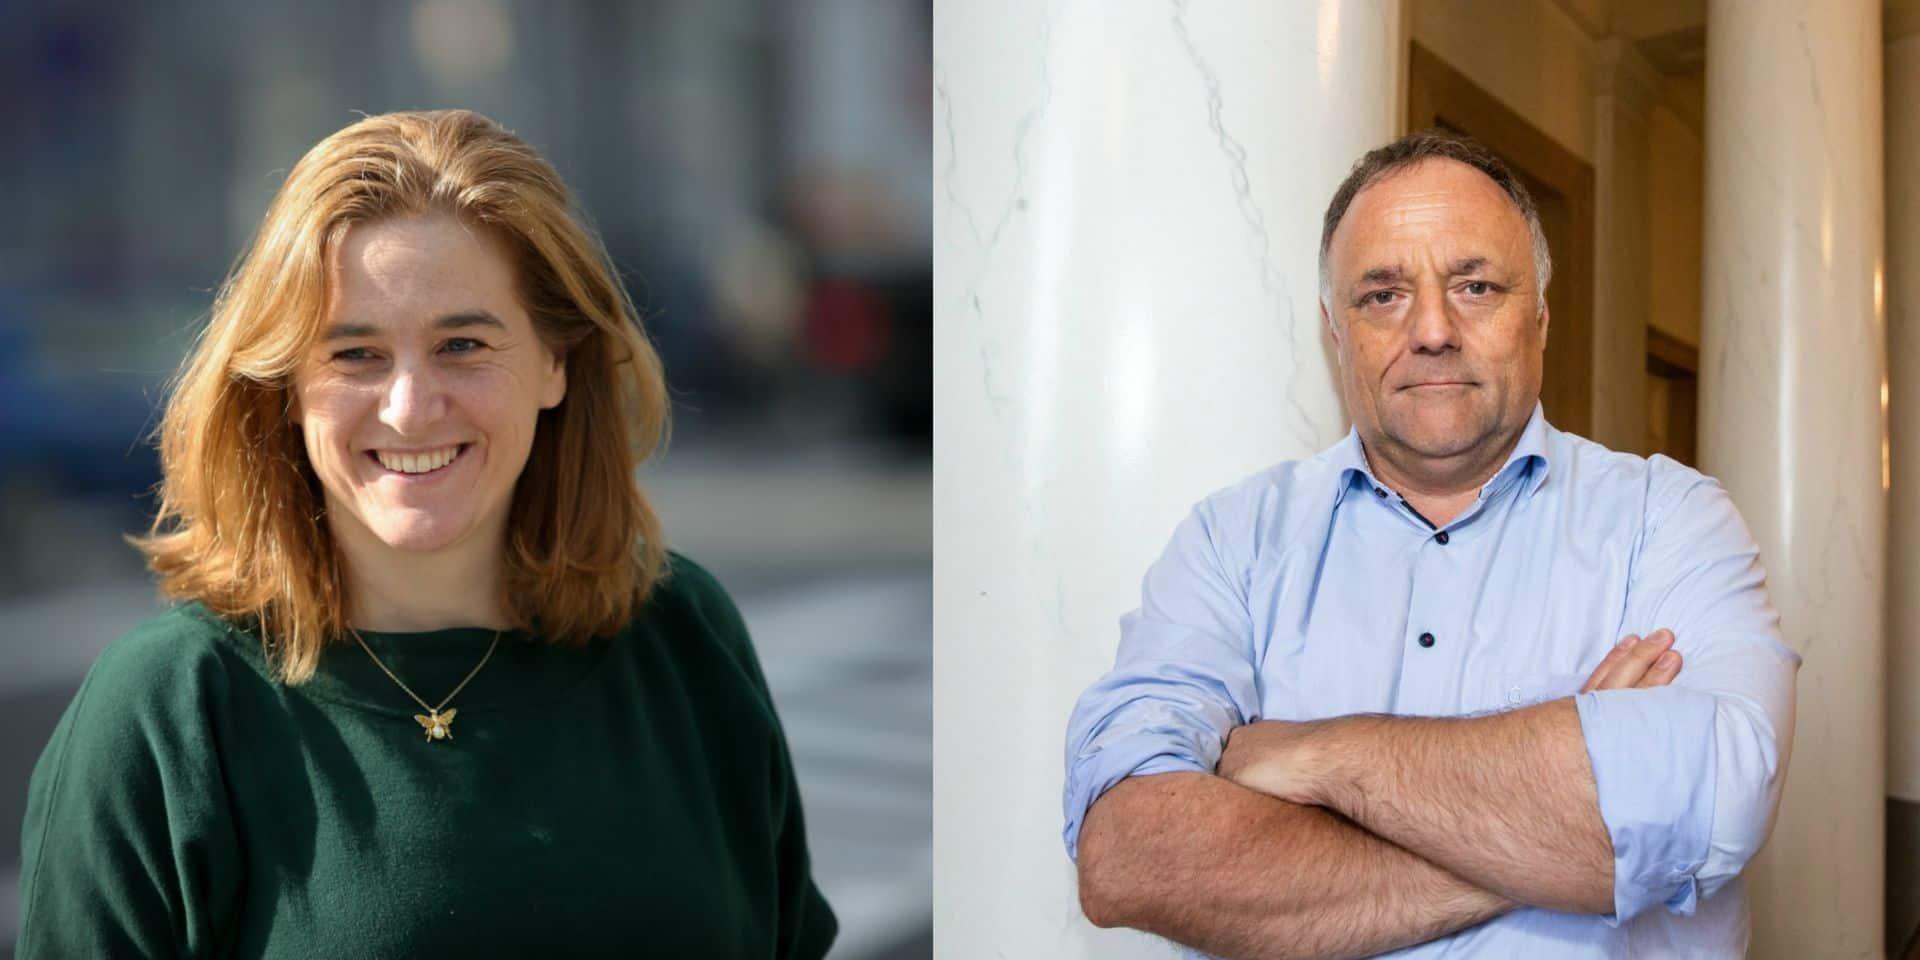 Marc van Ranst, Erika Vlieghe, Elke van den Brandt...: de plus en plus de Belges, connus ou pas, sous protection policière